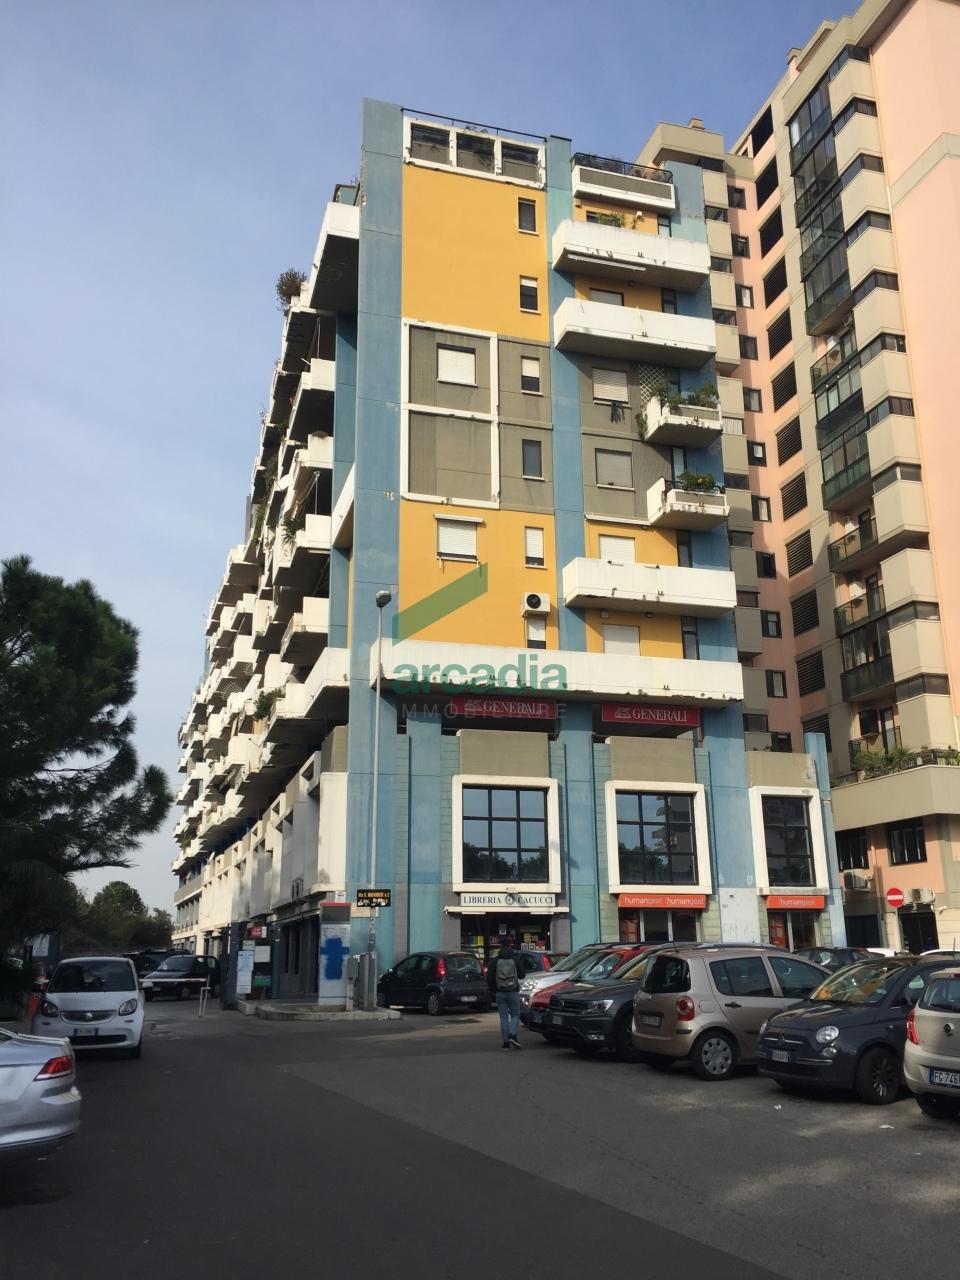 Ufficio - oltre pentalocale a Poggiofranco, Bari Rif. 10424630